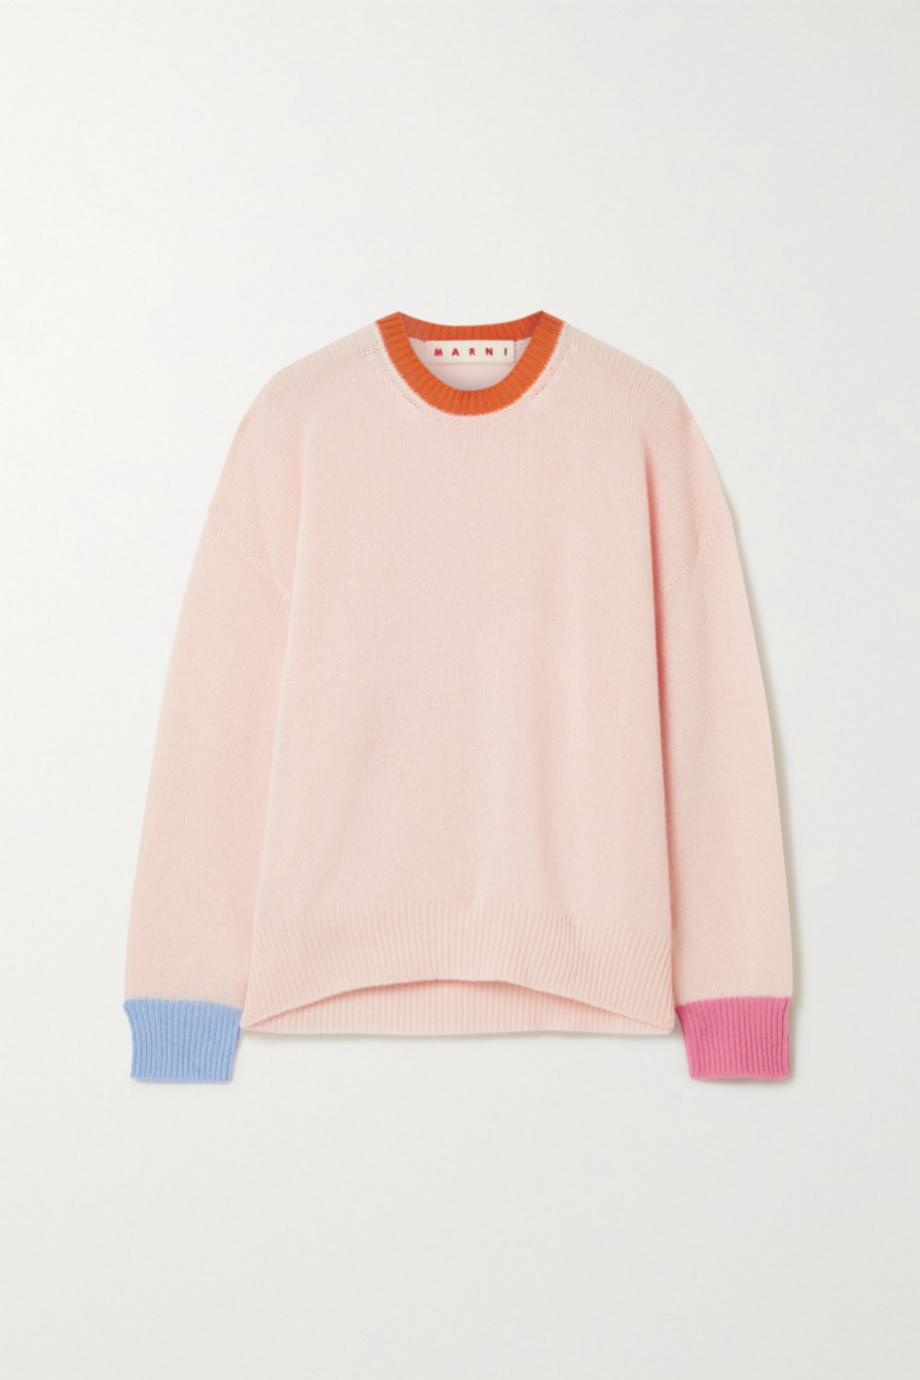 Jersey de cashmere multicolor de Marni